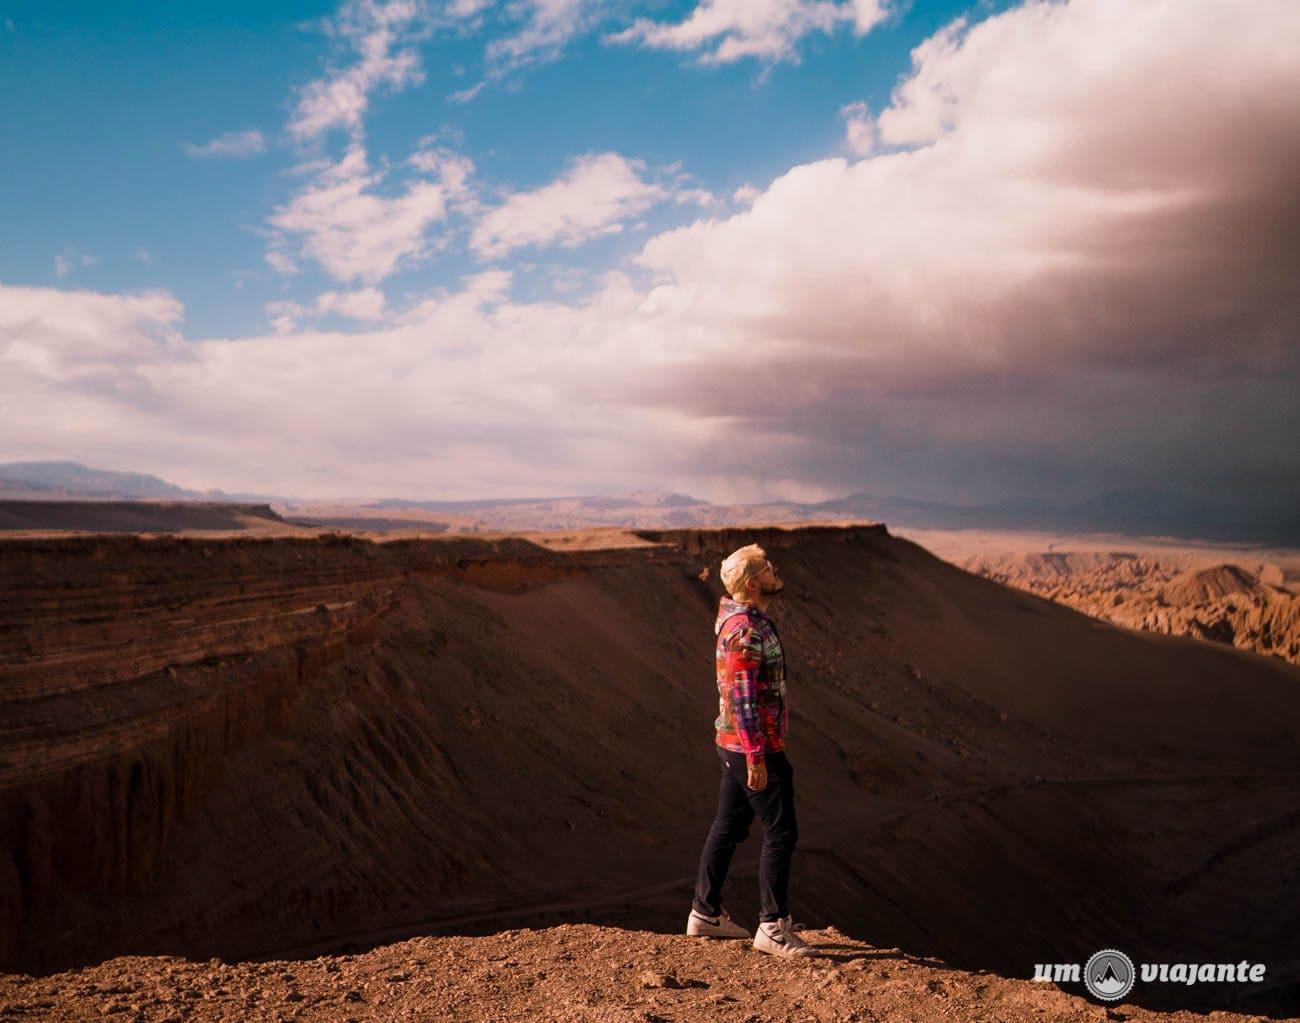 Valle de la Muerte - Deserto do Atacama